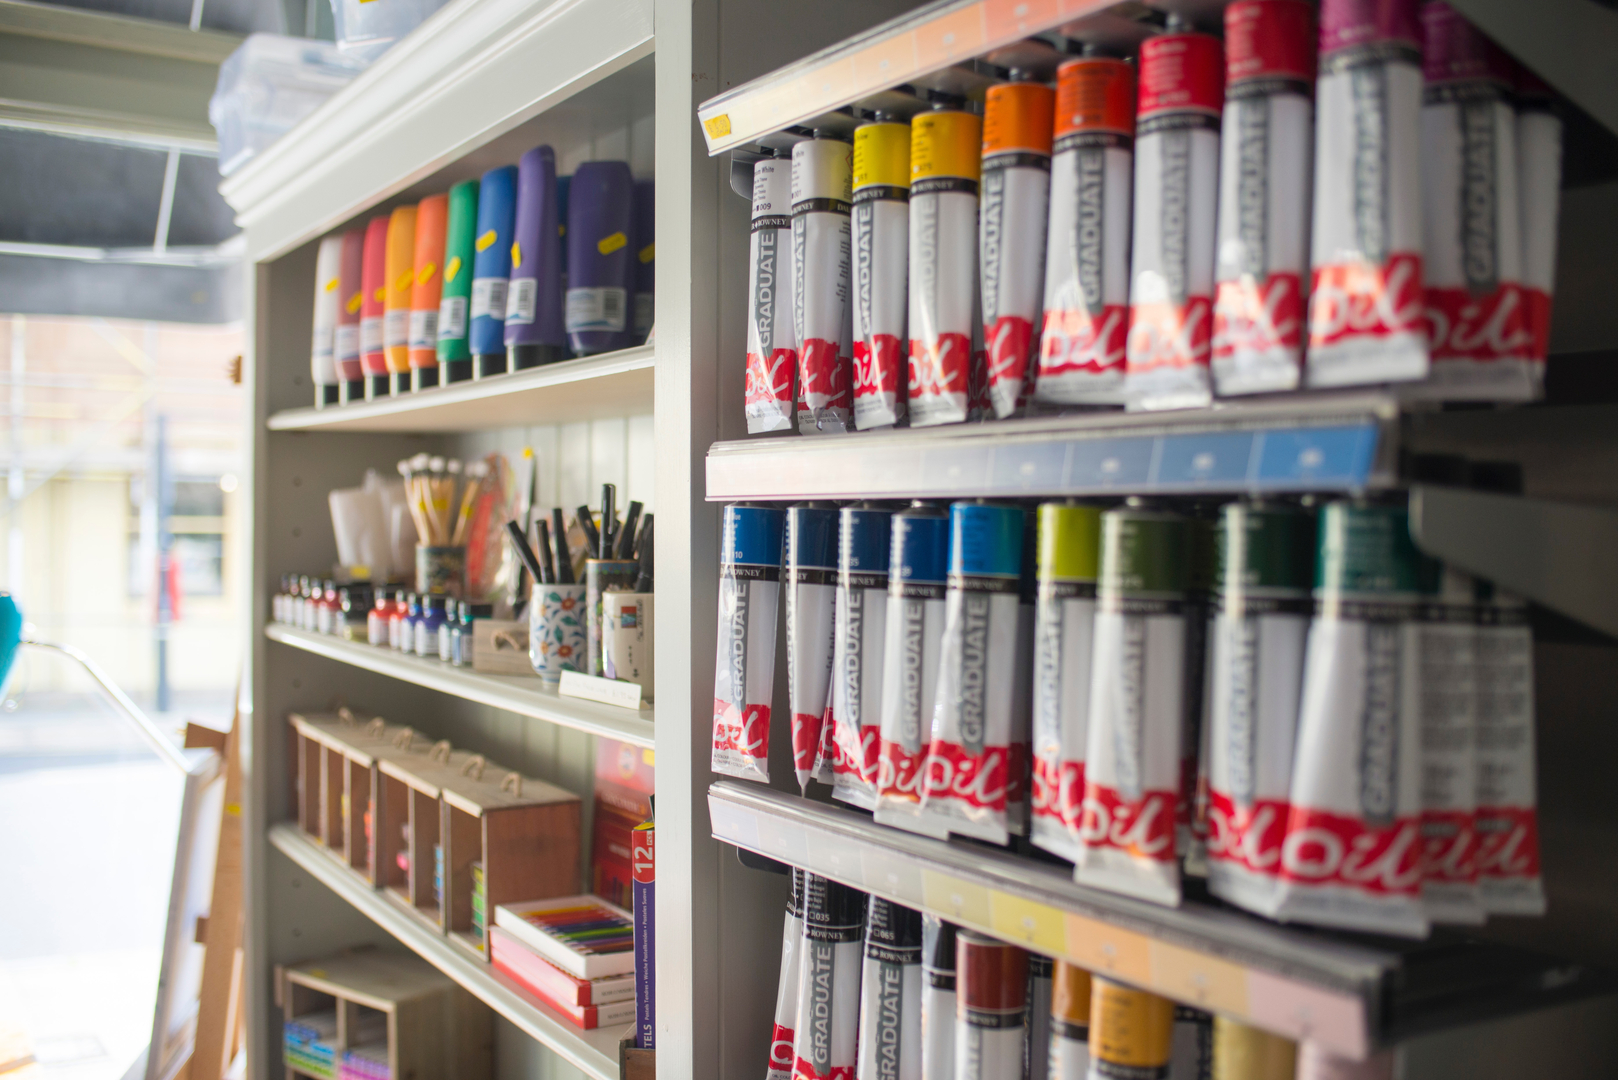 Photo Credit: Art Shop & Pottery http://bit.ly/2uVeRiz